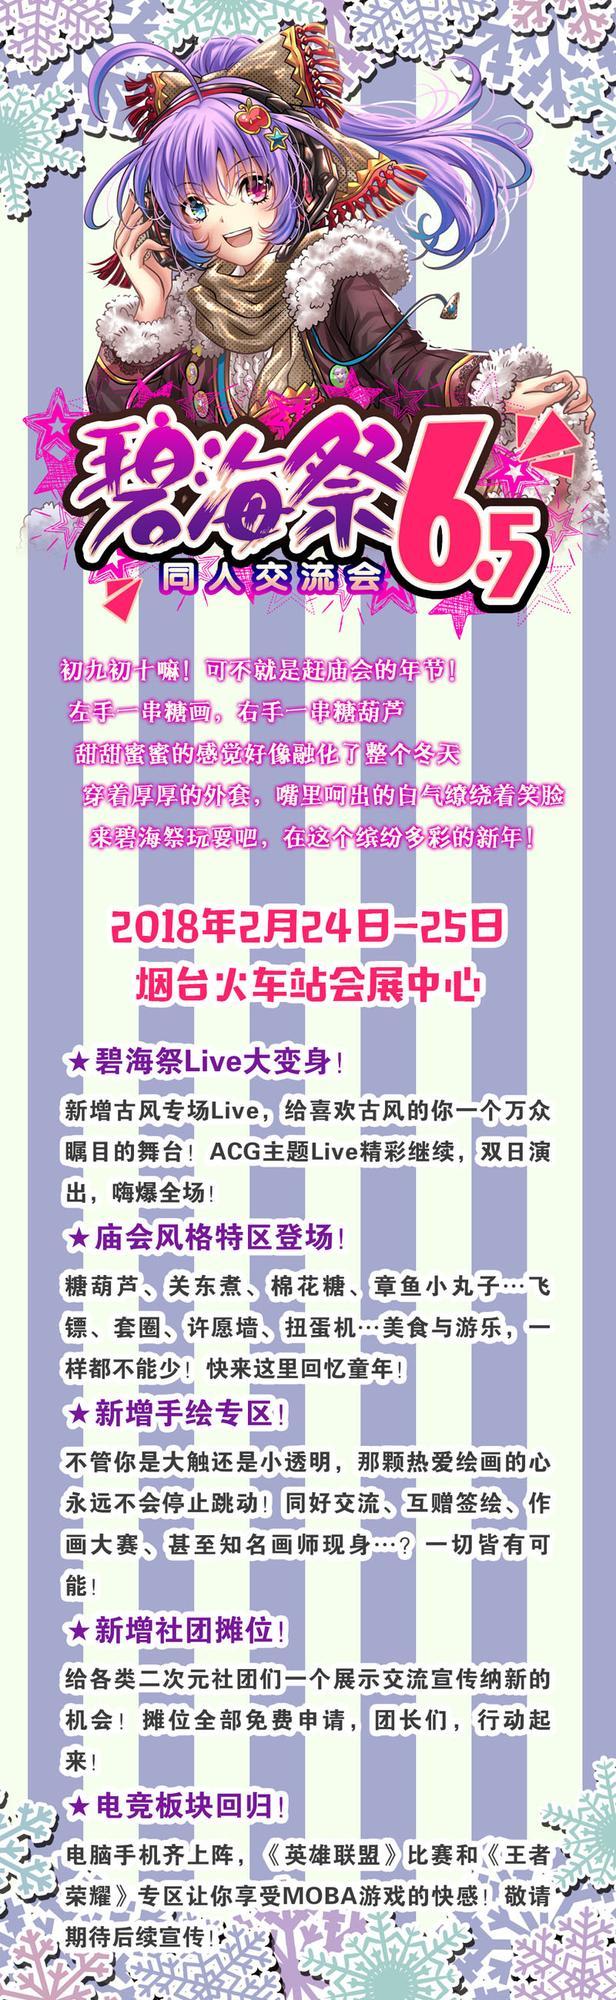 烟台碧海祭BSS6.5——缤纷新年季 漫展 第2张